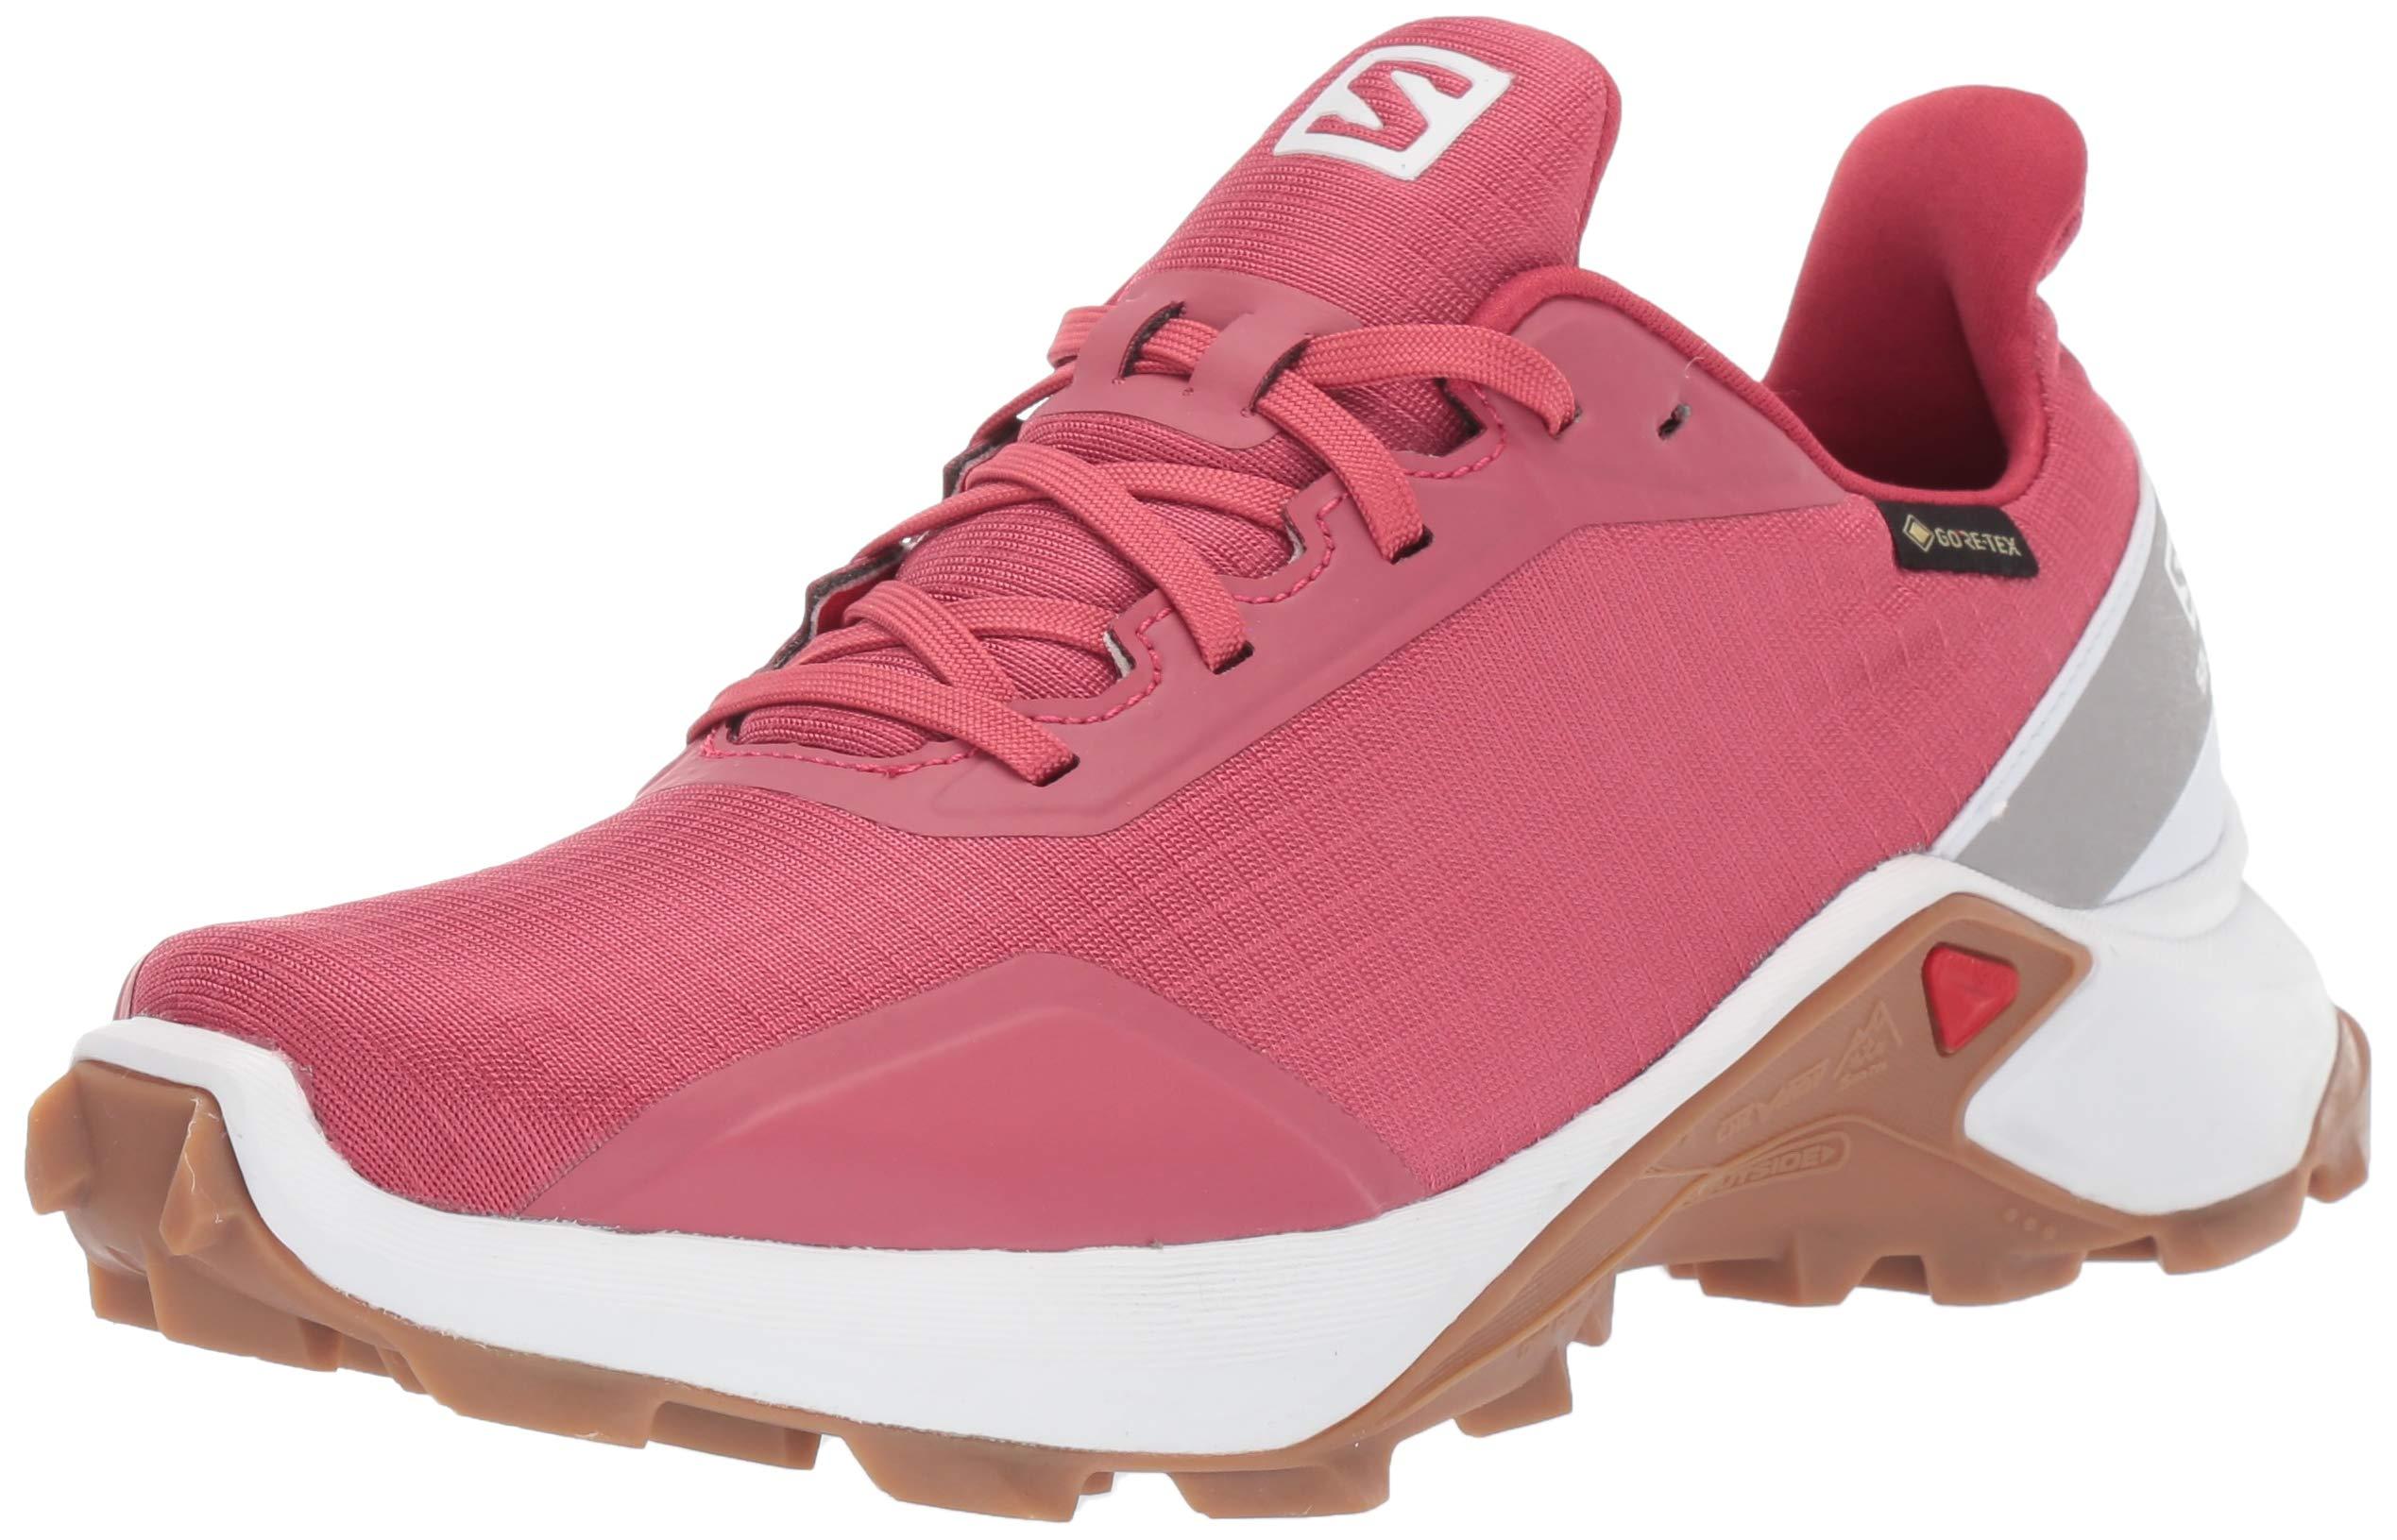 Salomon Women's Alphacross GTX W Trail Running Shoe